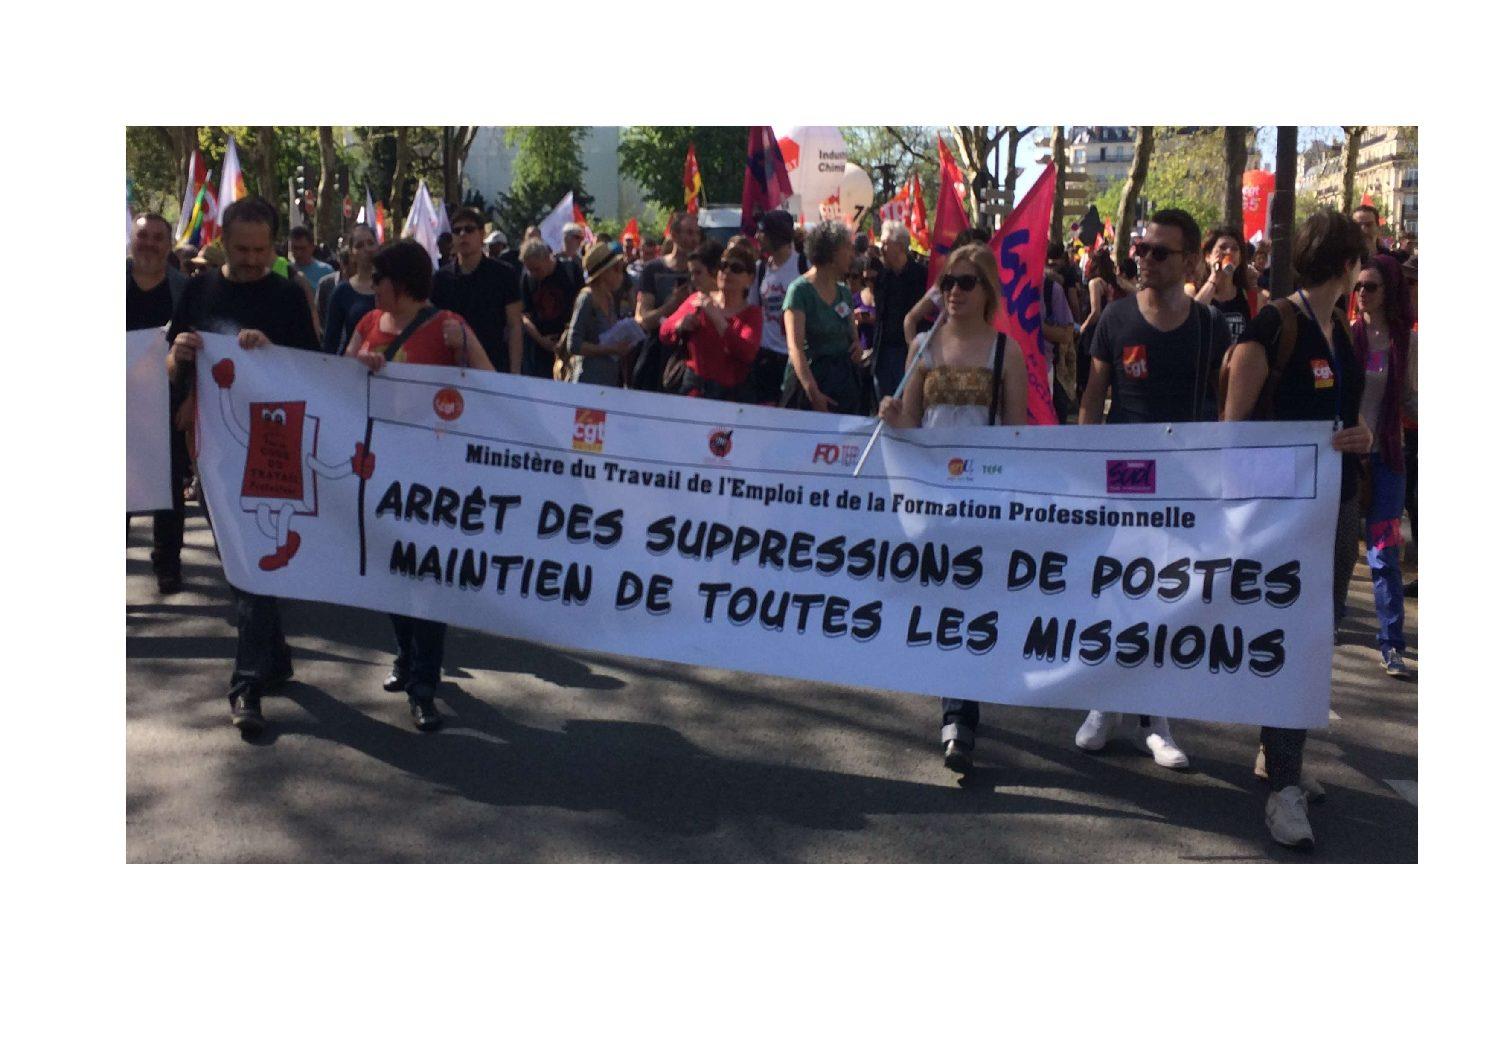 Tous en grève le 5 Octobre contre les suppressions de postes et l'OTE au Ministère du Travail !